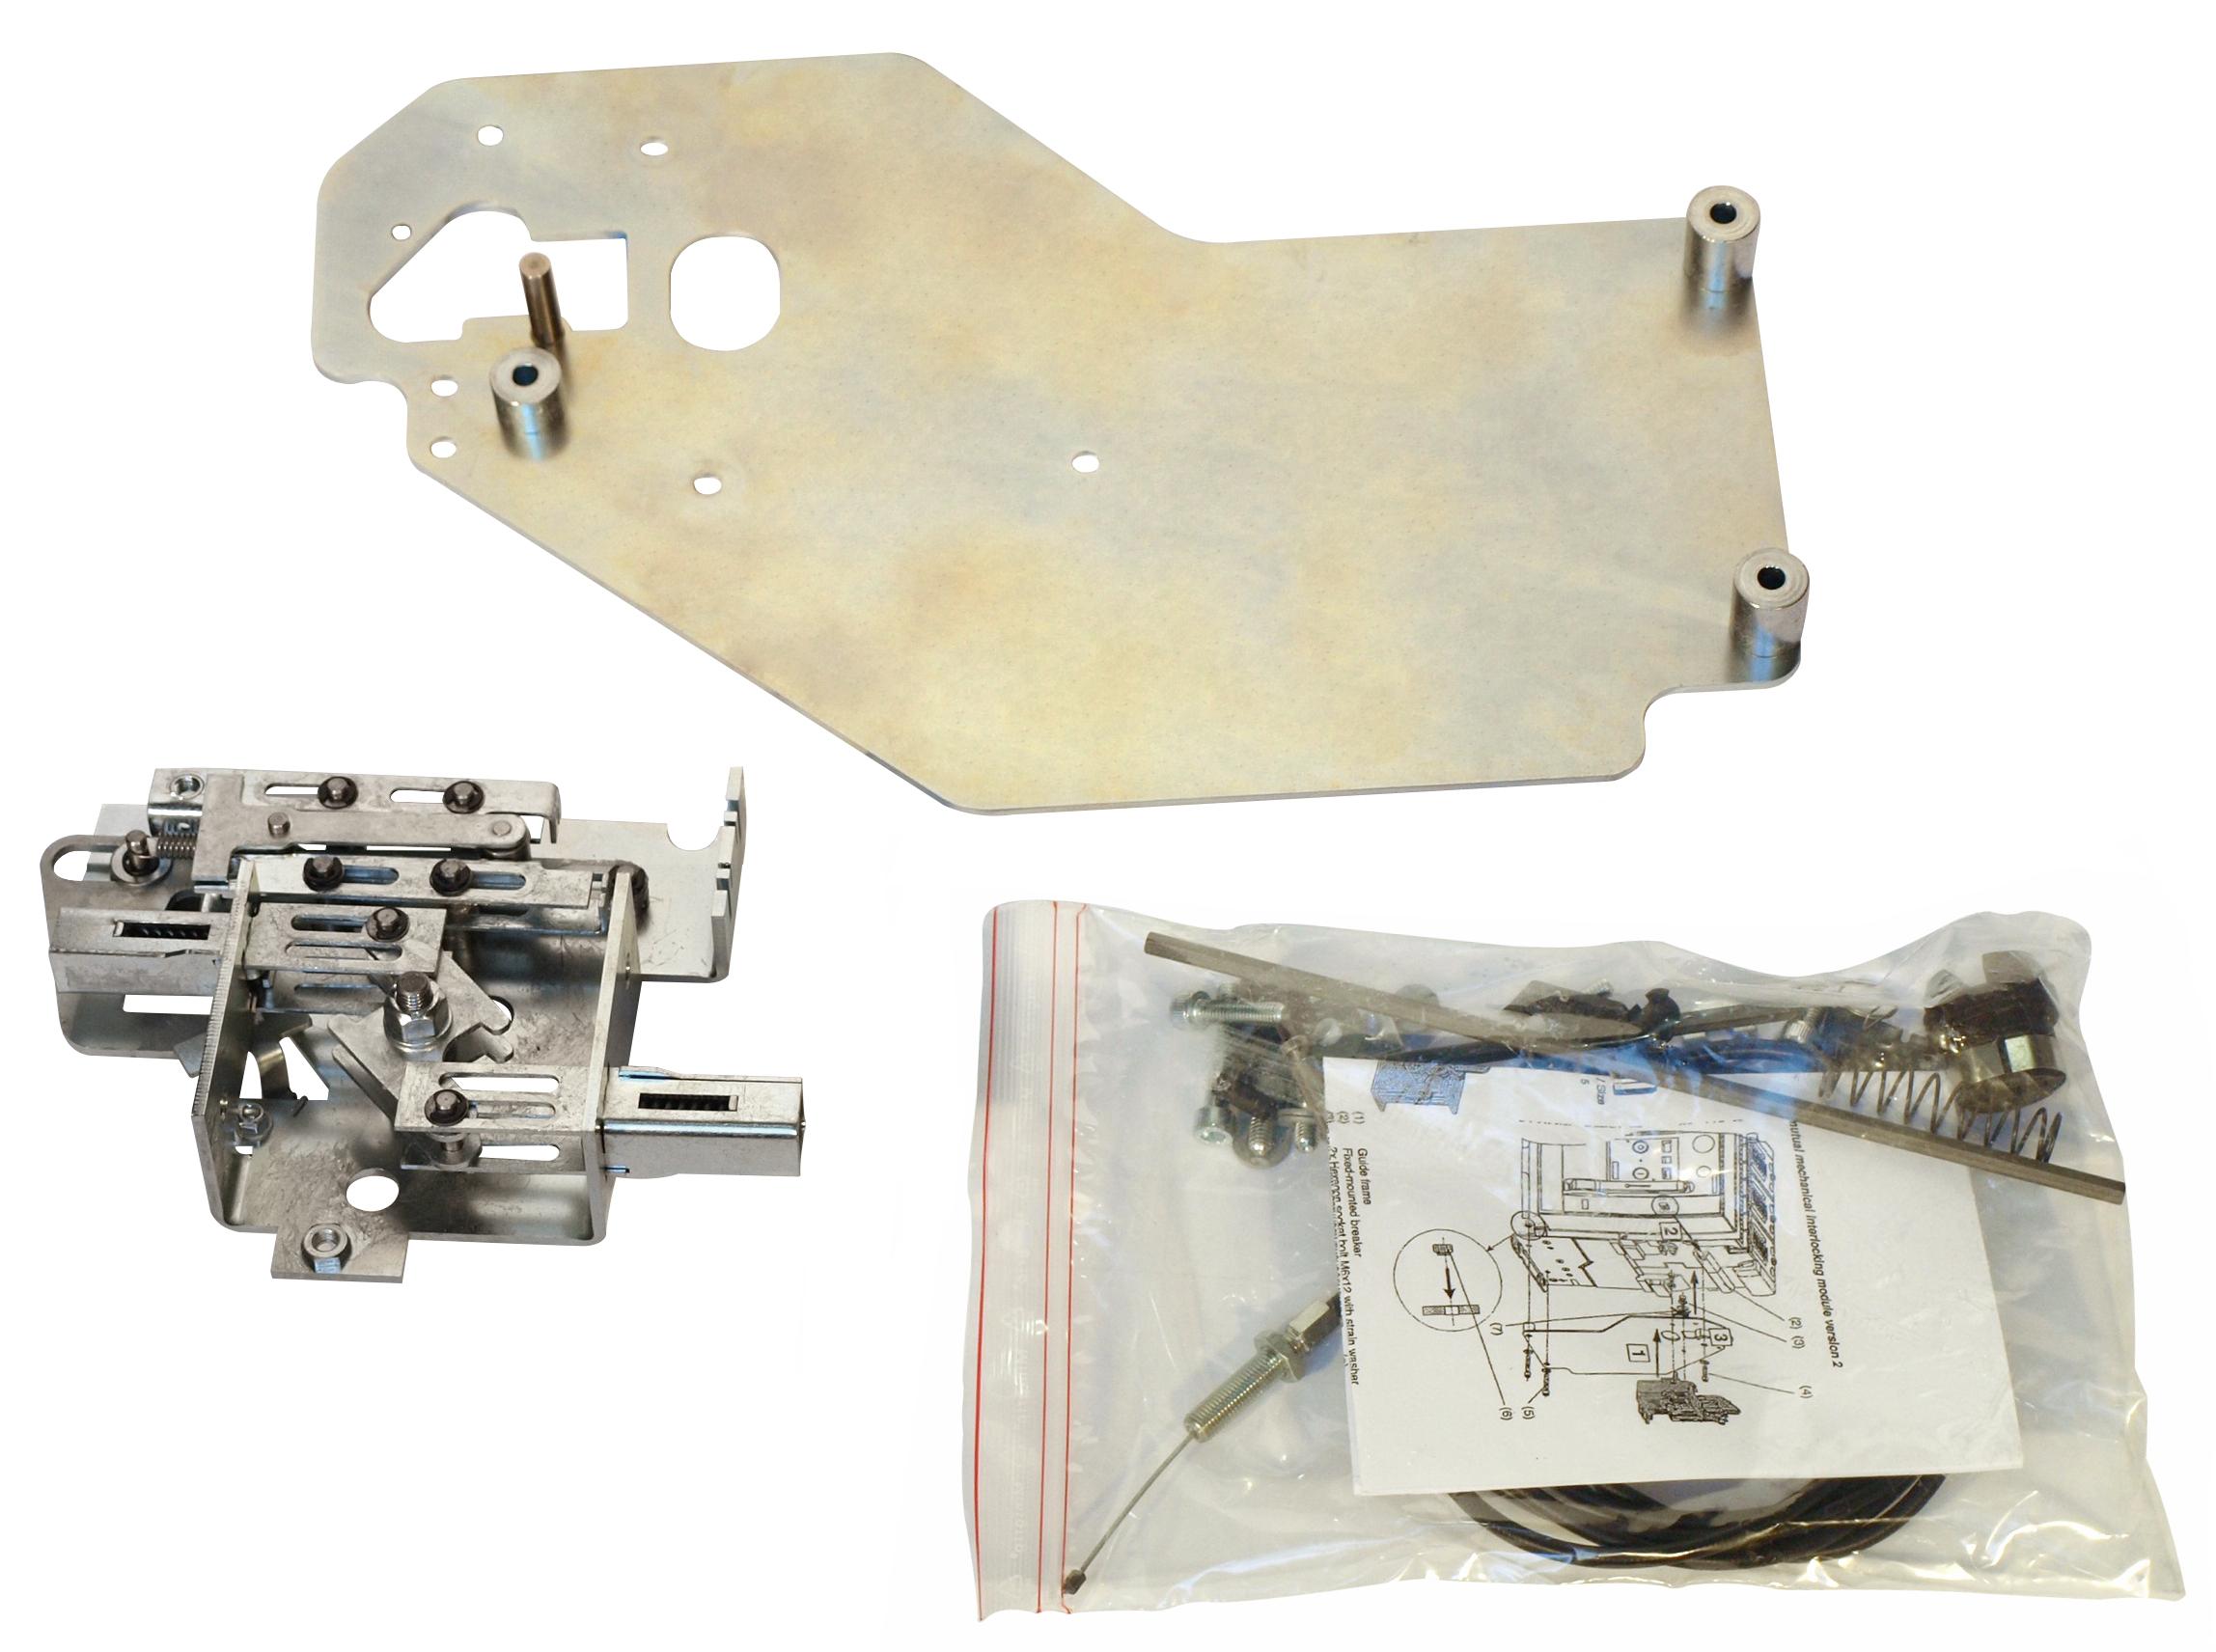 1 Stk Mechanische Verriegelung, Festeinbauschalter, Einzelteil MO90S550--